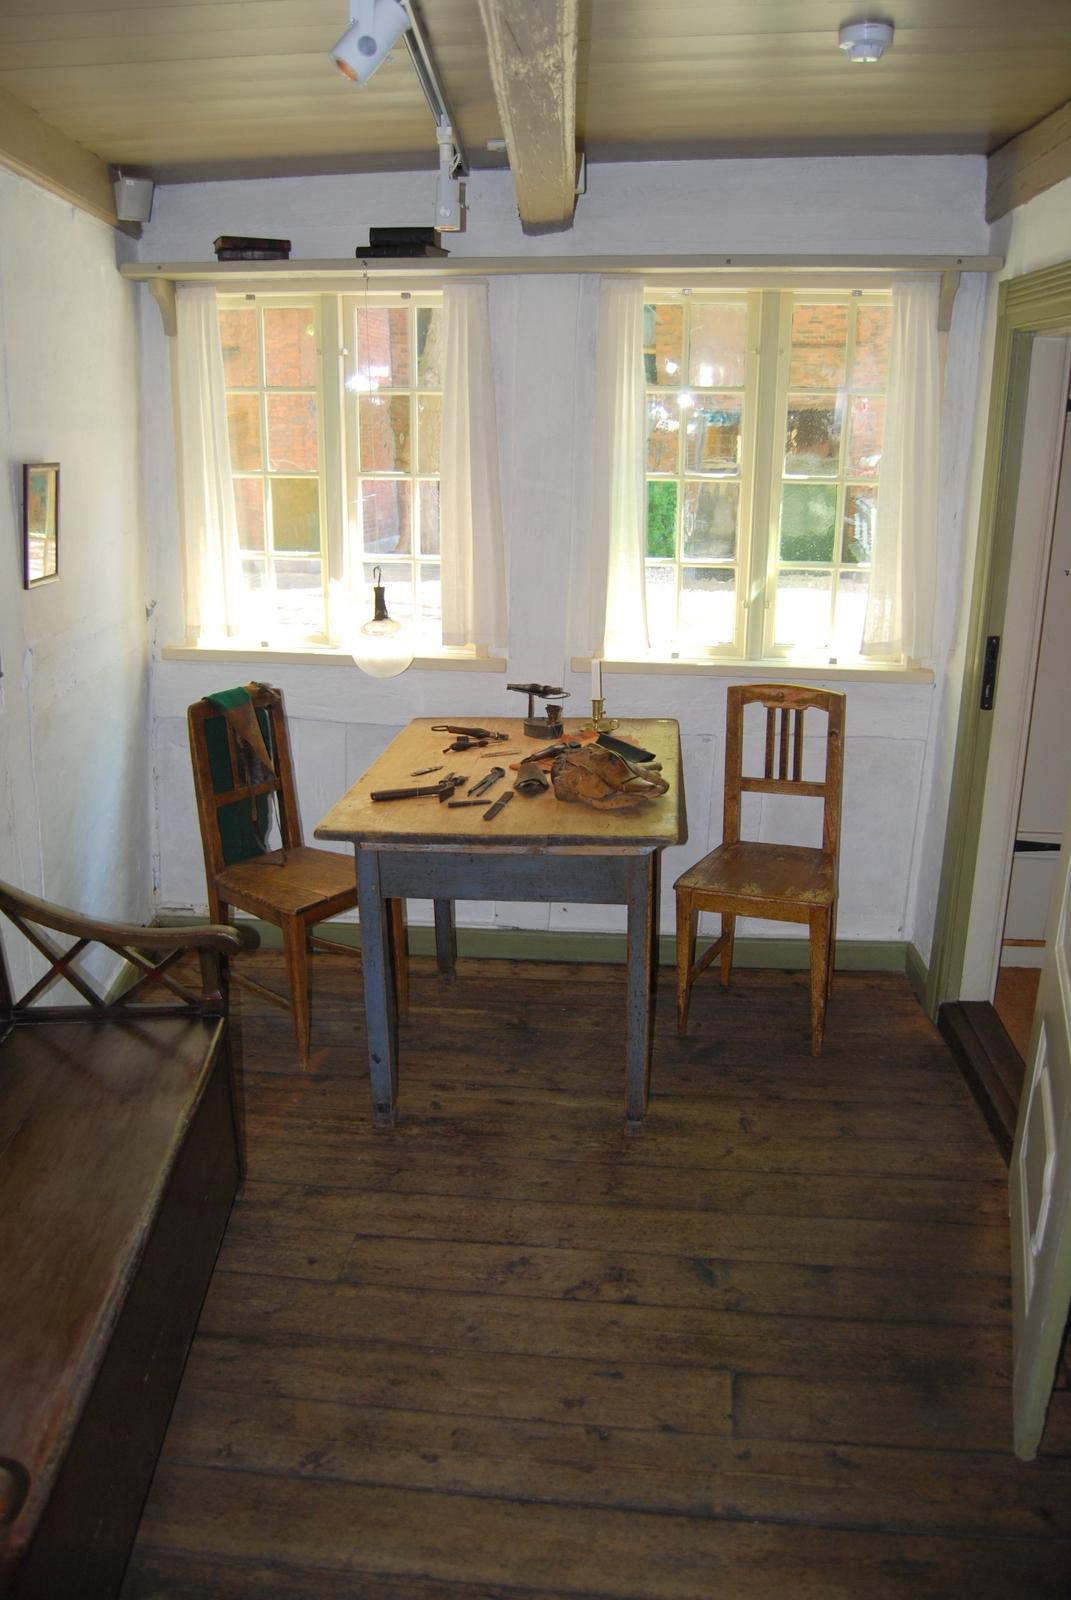 Fotoet viser  H.C. Andersens originale barndomshjem i Munkemøllestræde Nr. 3 i Odense. Det lille skomagerværksted ved vinduerne vendte ud mod  Munkemøllestræde. Her boede H.C. Andersen fra maj 1807 til 4. september 1819, hvor han rejse til København.